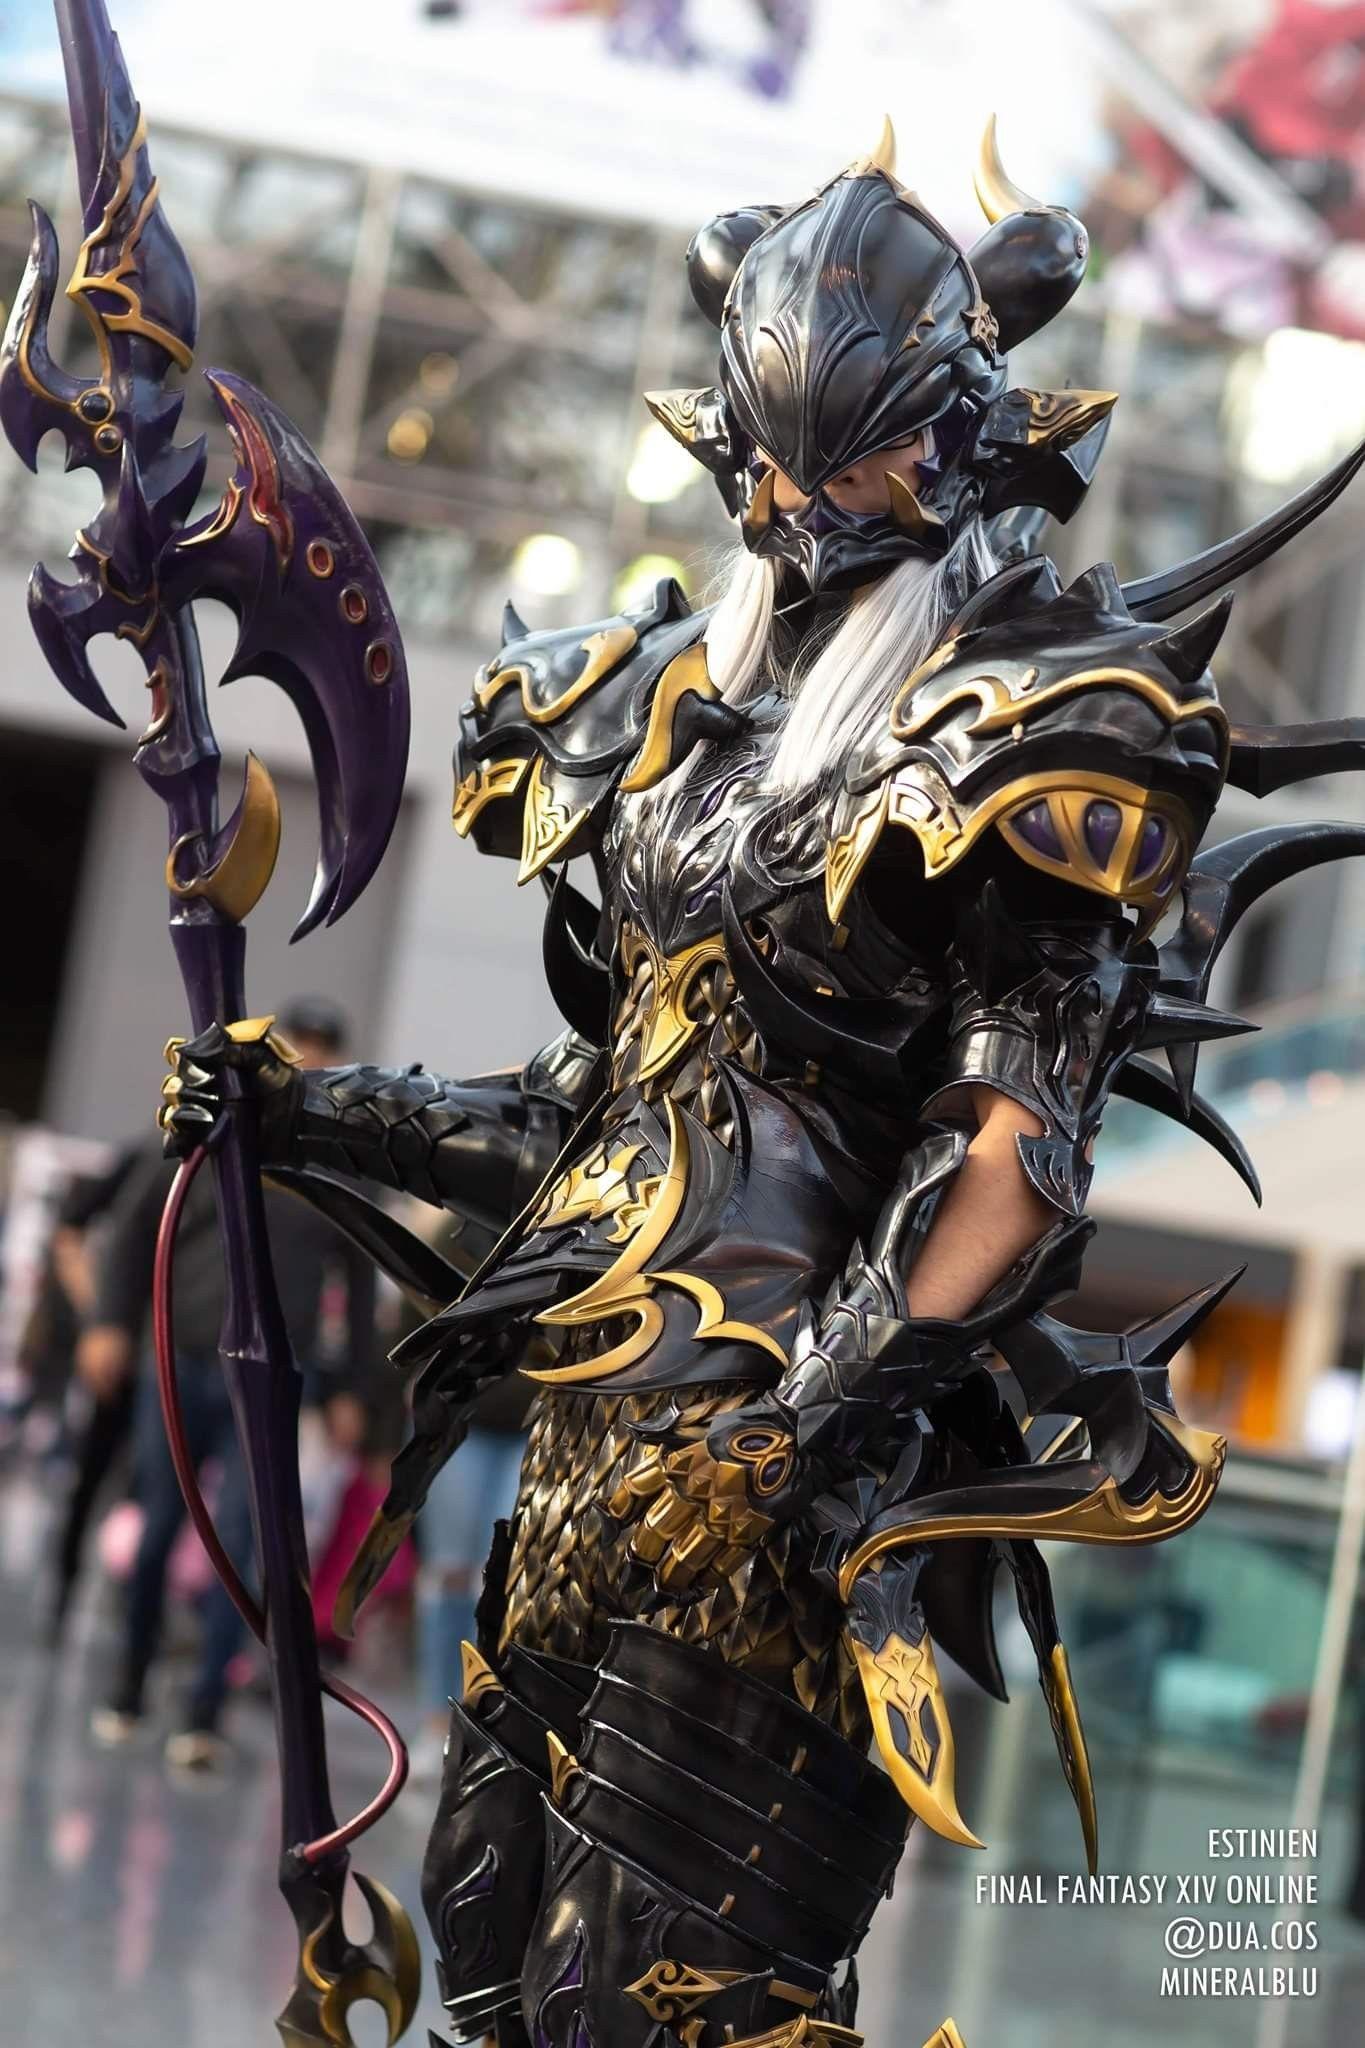 Pin by Jim P. on Final Fantasy Final fantasy xiv